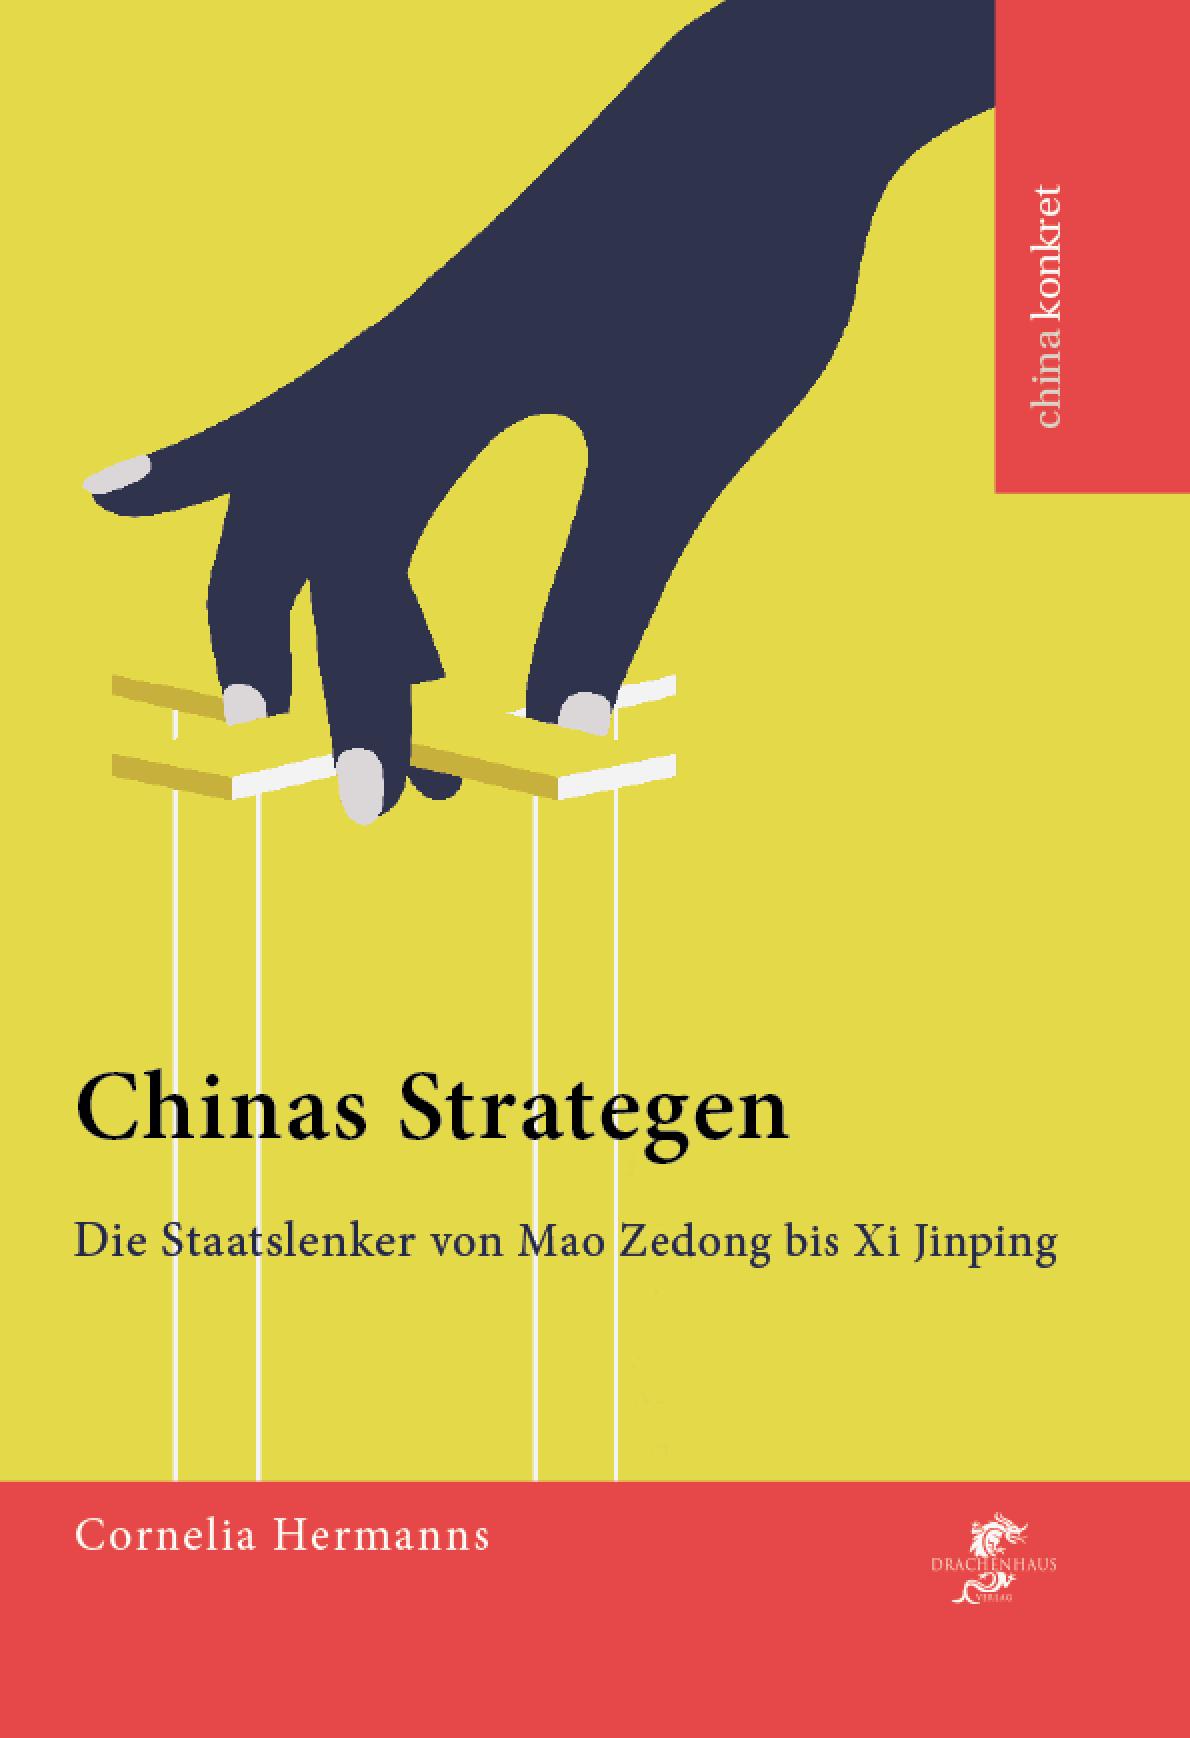 CHINAS STRATEGEN- Die Staatslenker von Mao Zedong bis Xi Jinping